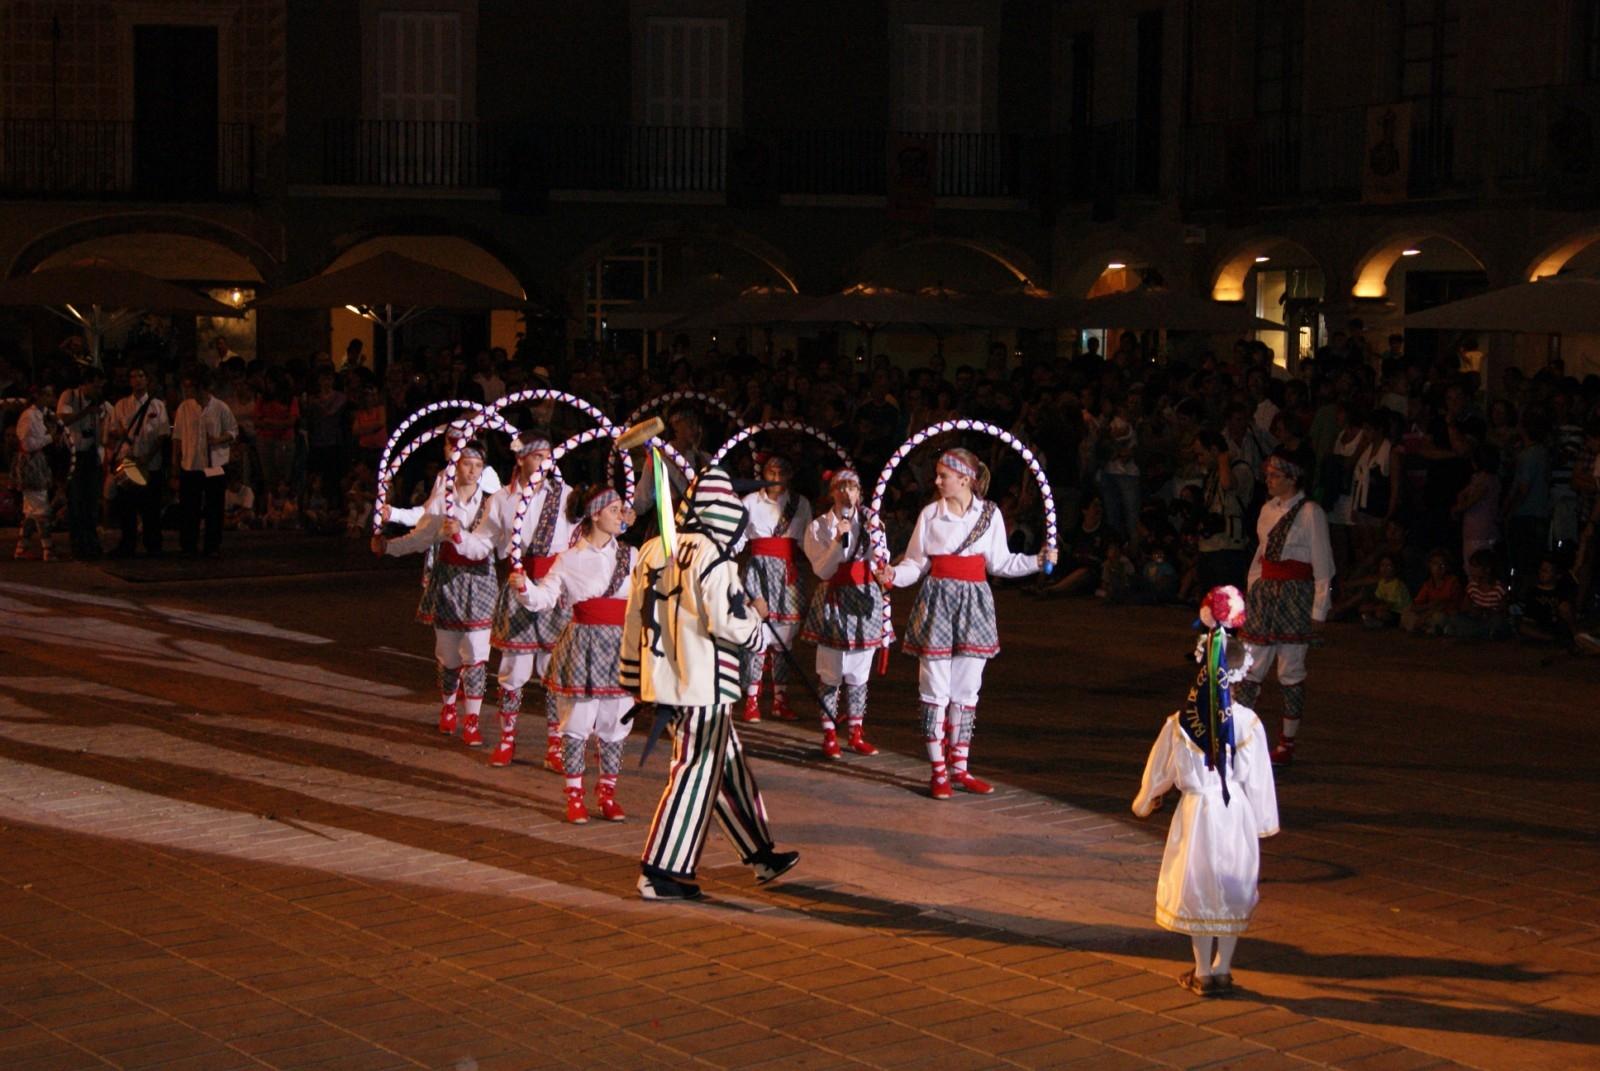 El Ball dels Cercolets, a la plaça de l'Ajuntament